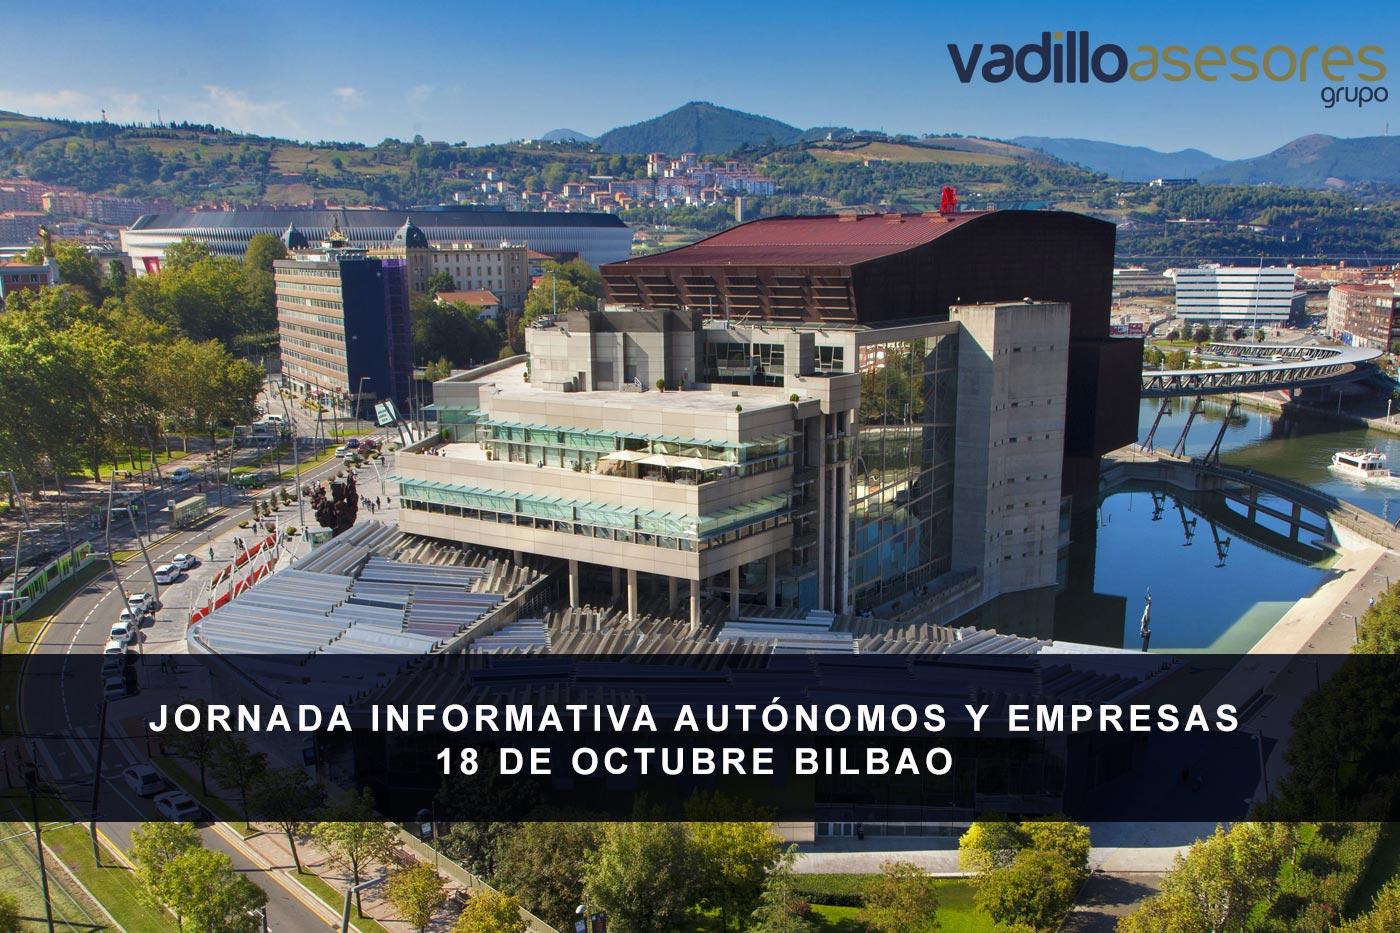 Hablamos del trabajo autónomo, LOPD y fiscalidad del autónomo Jornada informativa para autónomos y empresas en Bilbao